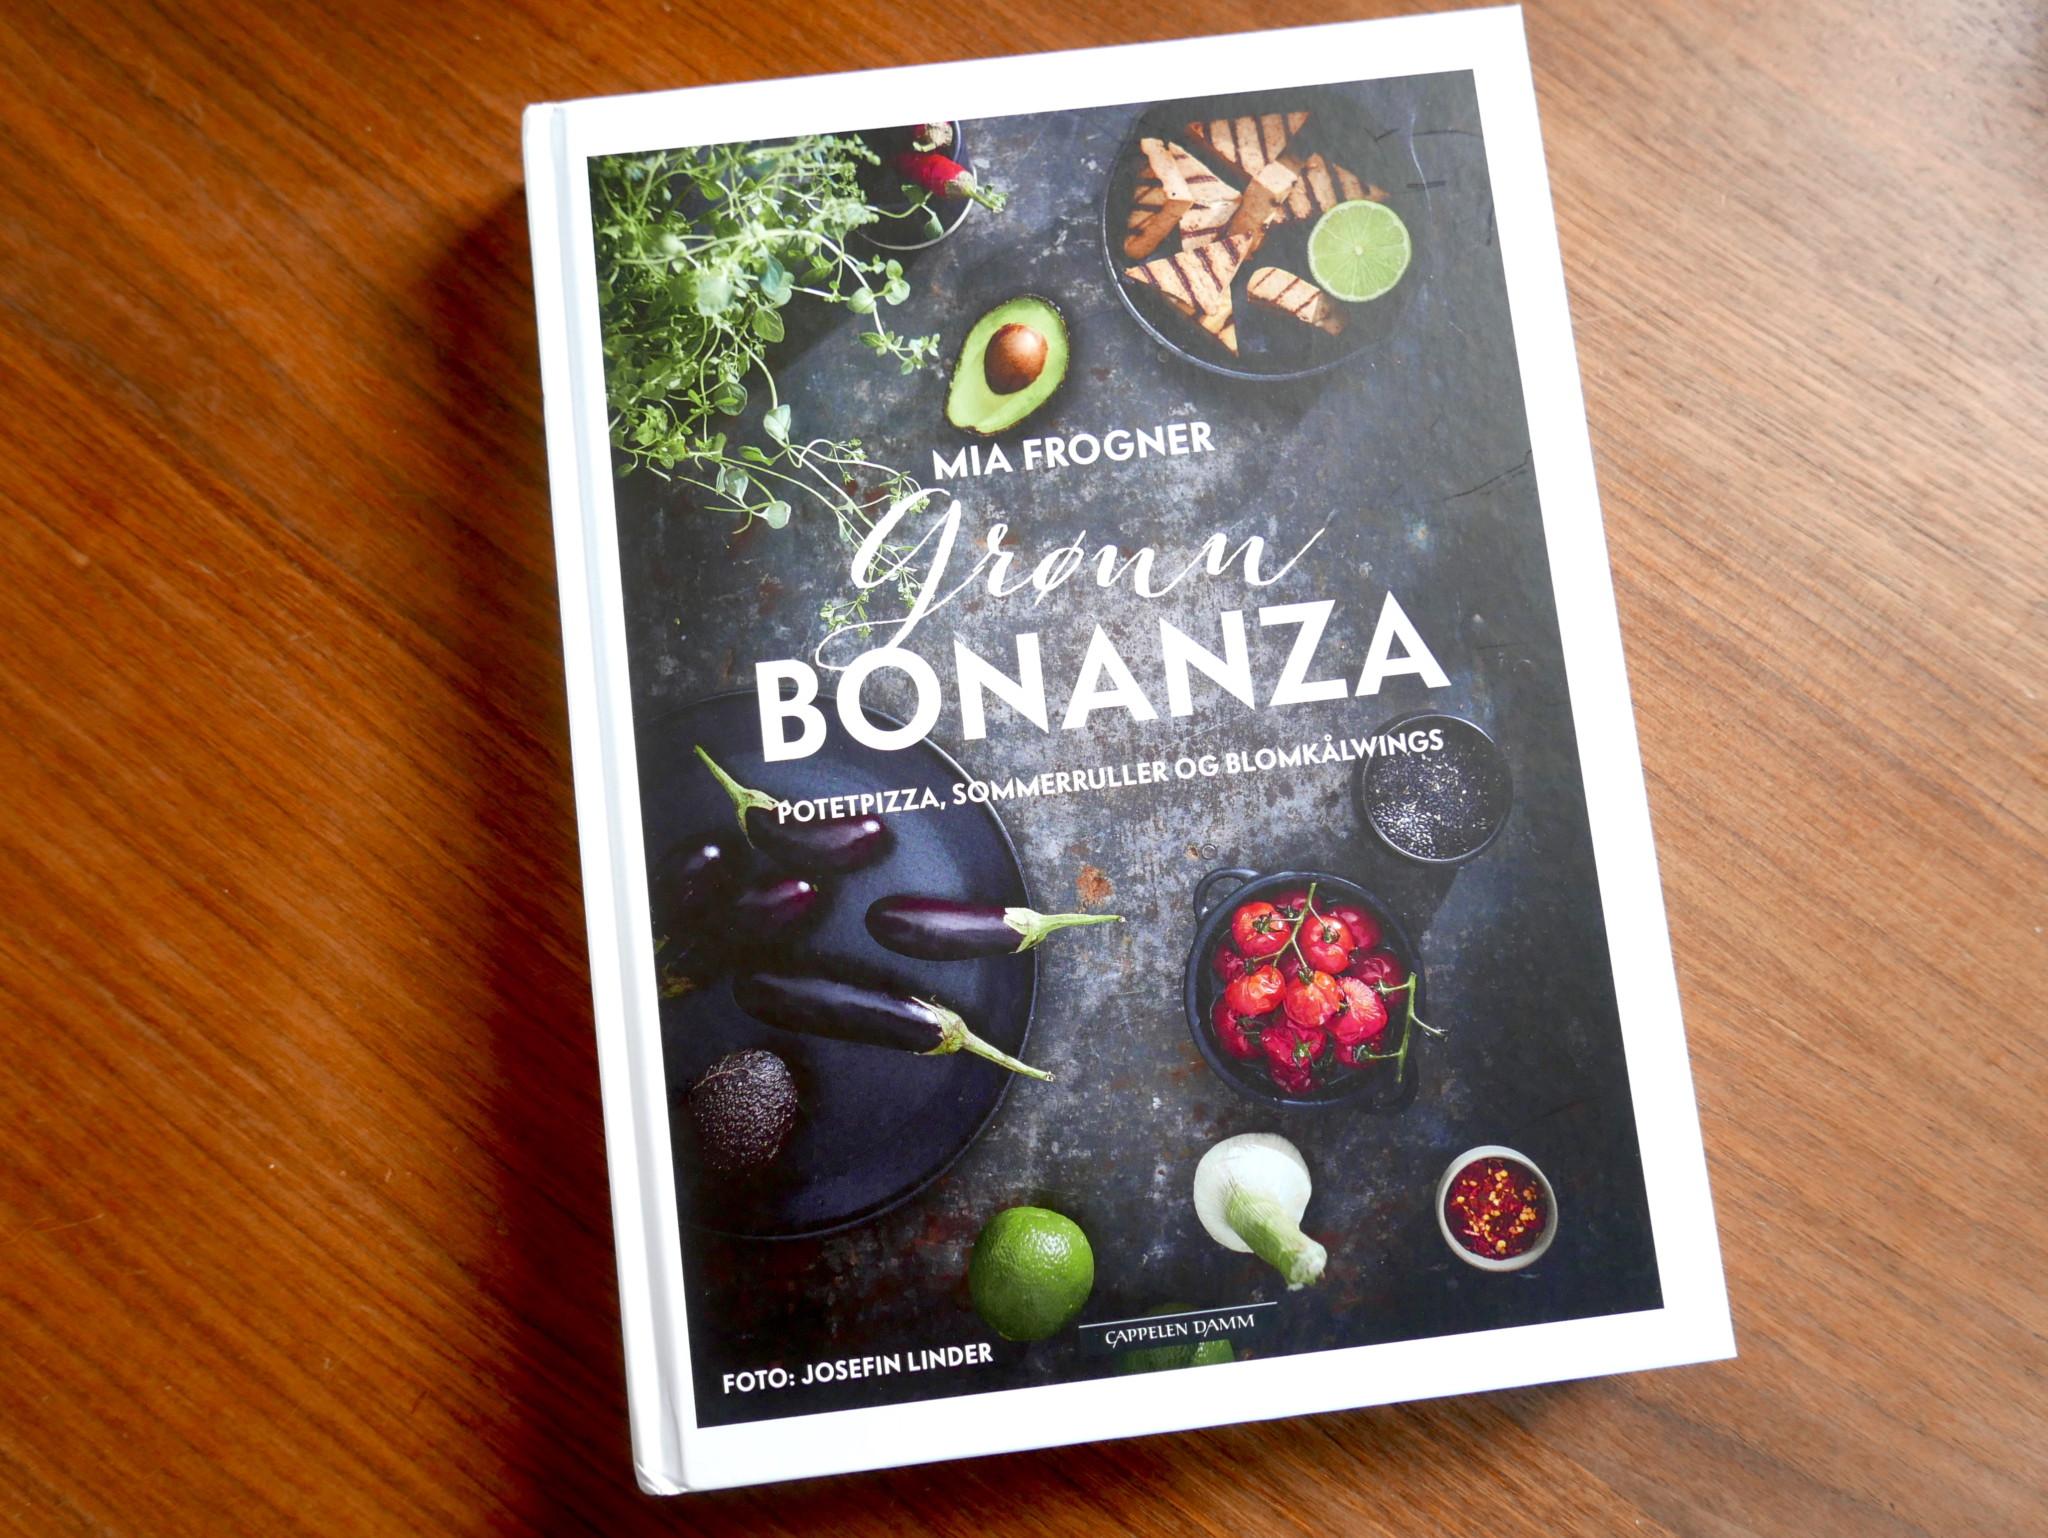 grønn-bonanza-bok-vegan-cookbook